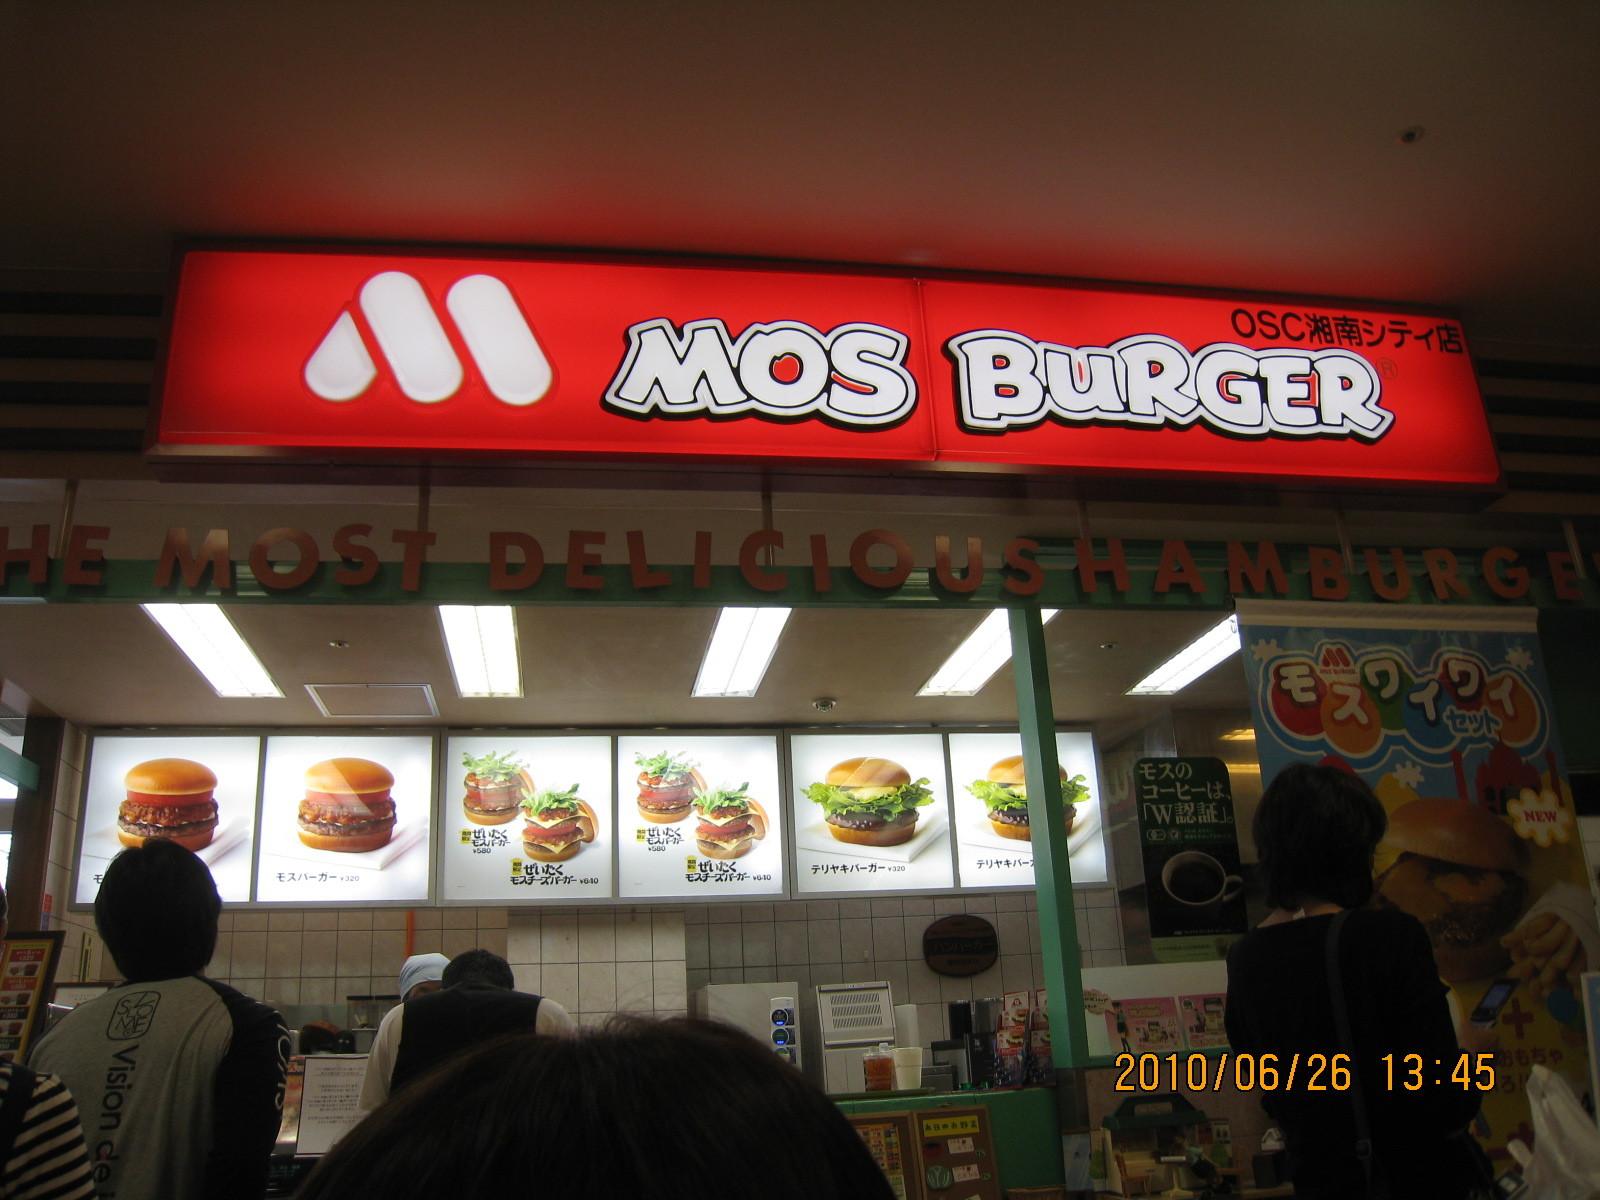 モスバーガー OSC湘南シティ店